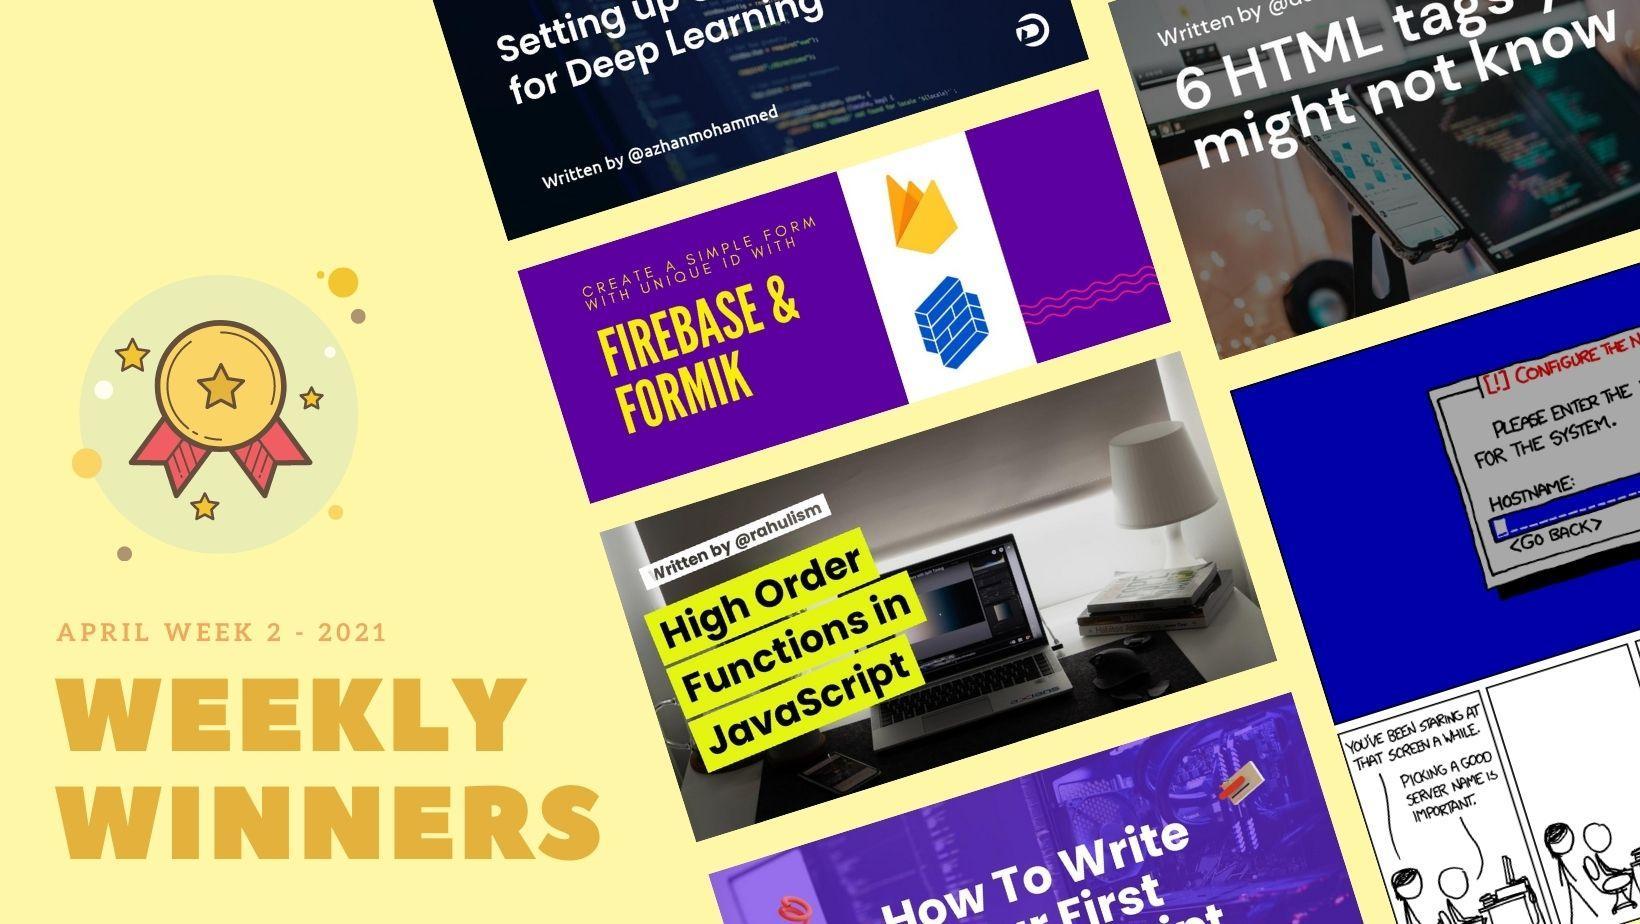 DevDojo Weekly Winners Week 2 June 2021